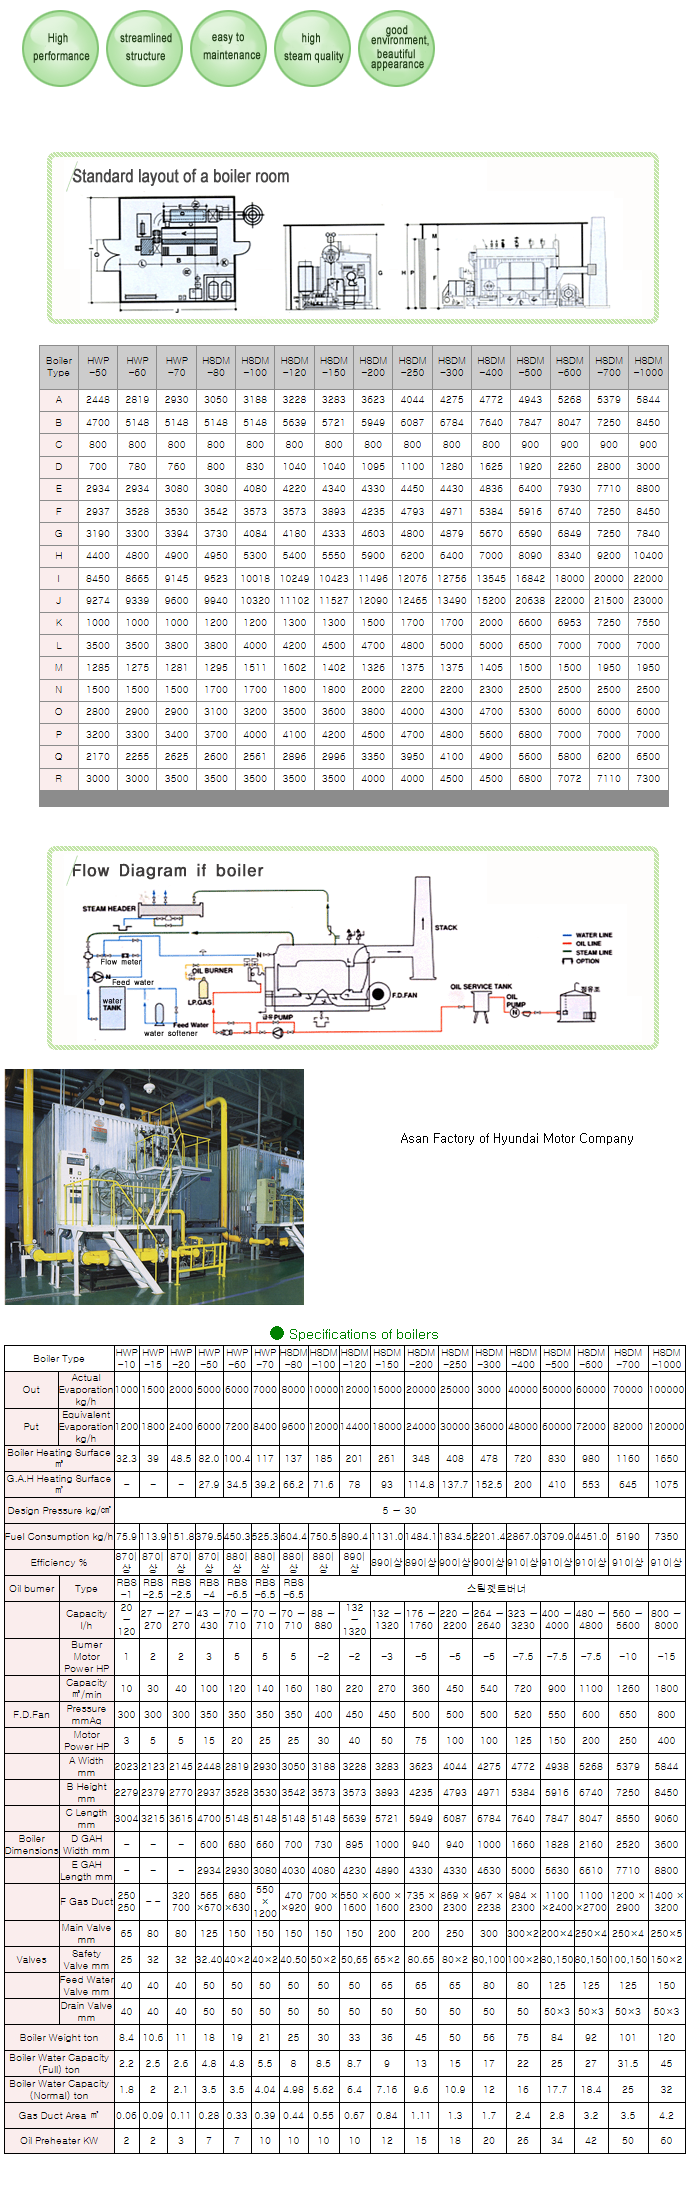 HWA SEONG B & TEC Water Tube Boiler